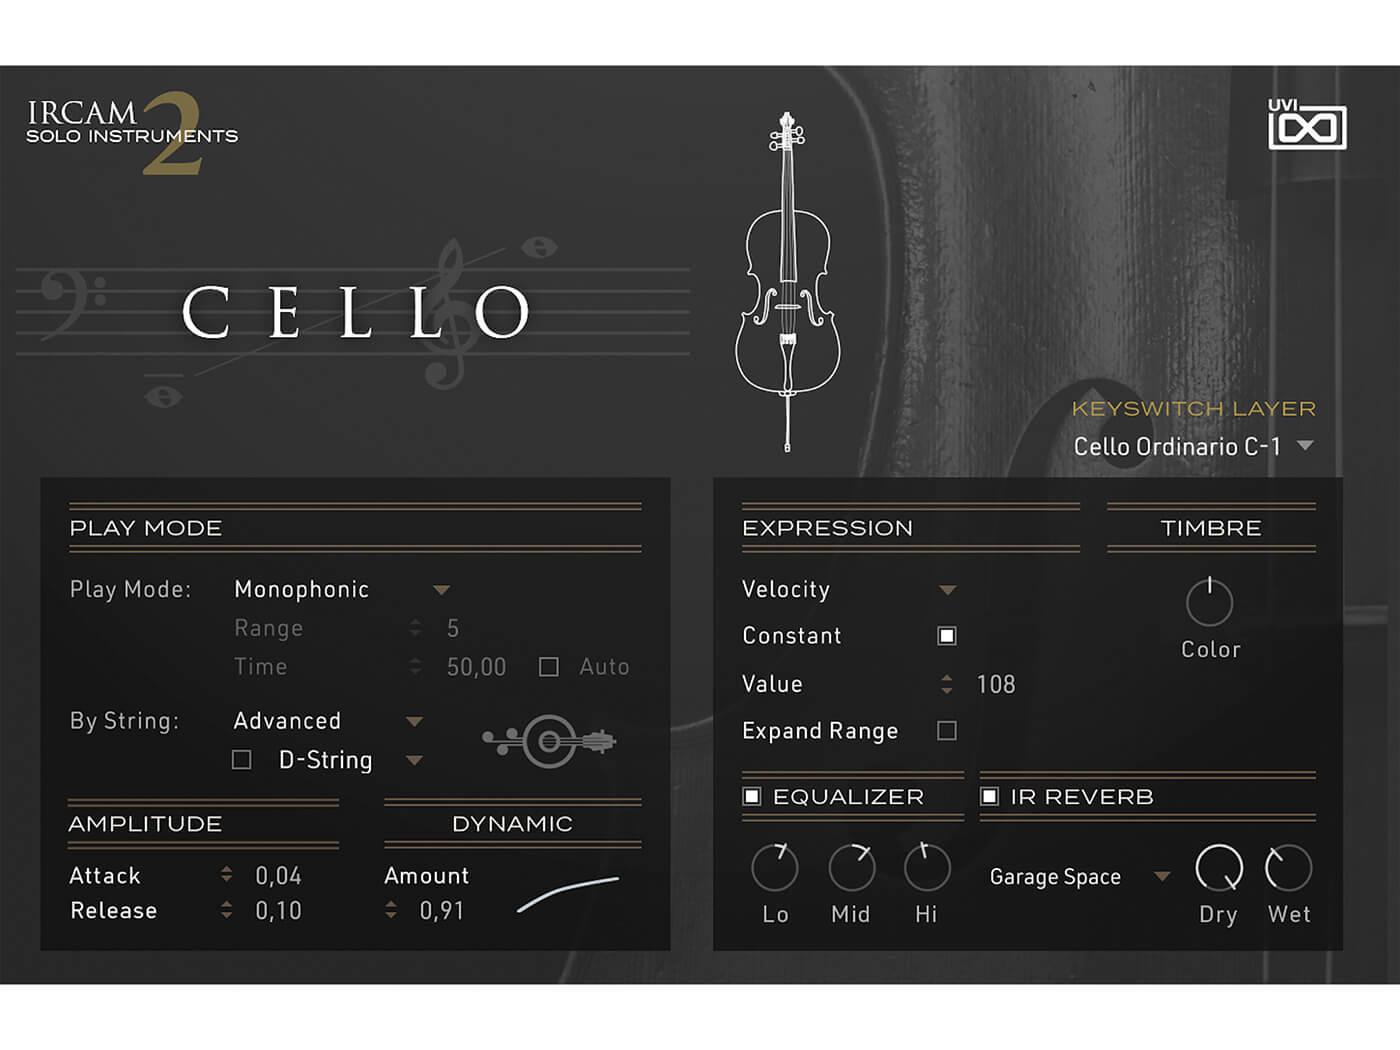 UVI IRCAM Solo Instruments 2 Cello